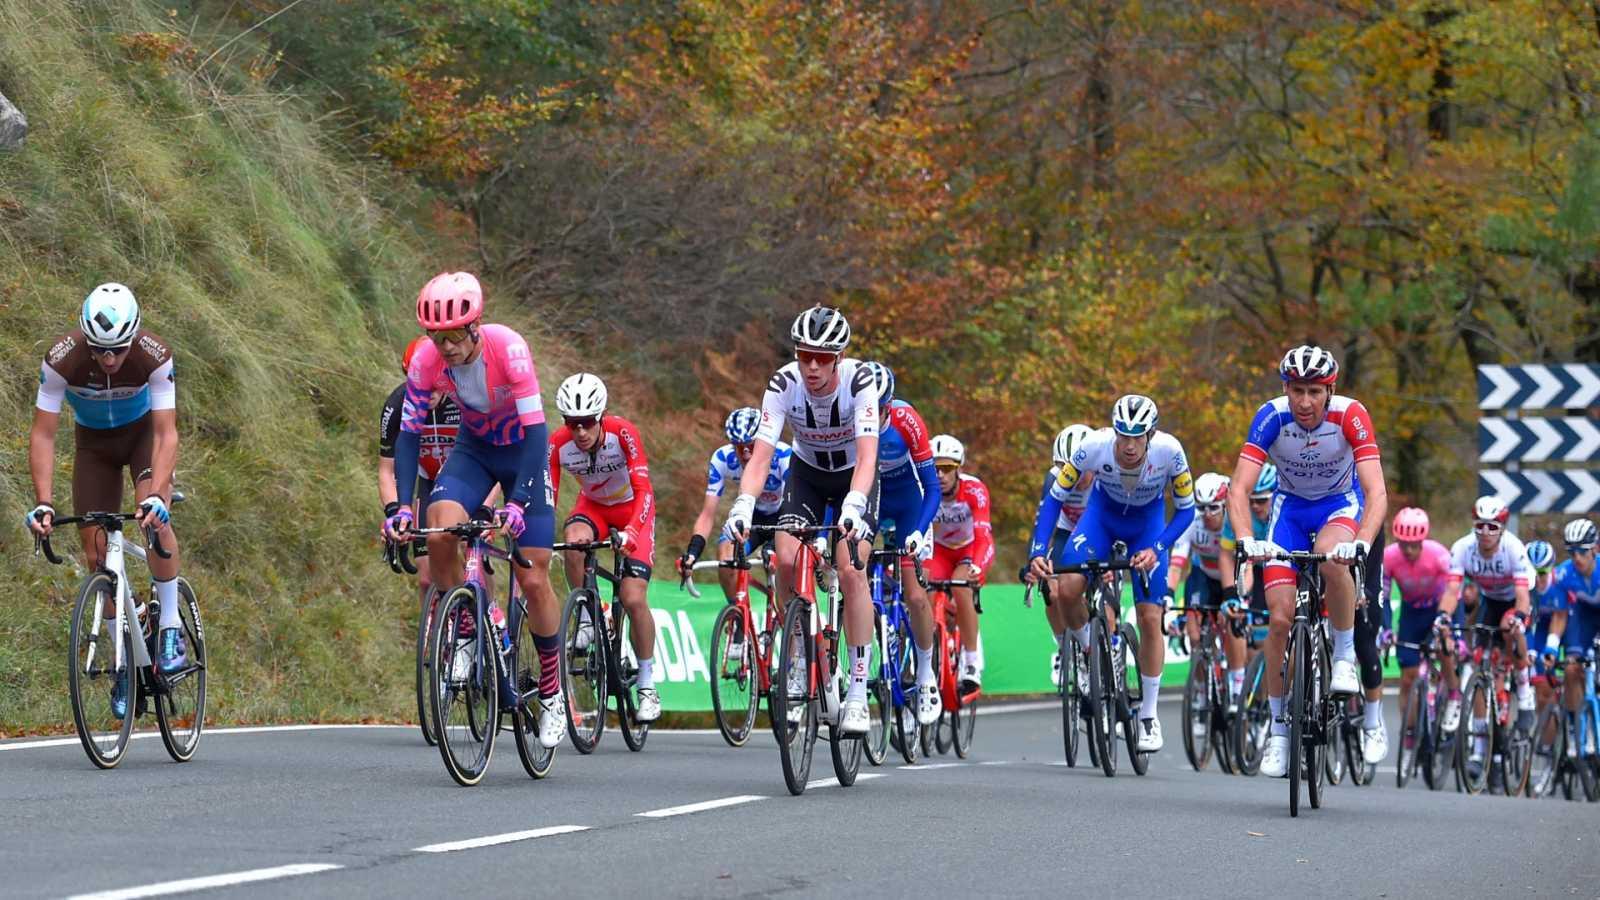 Vuelta ciclista a España 2020 - 7ª etapa: Vitoria-Gasteiz - Villanueva de Valldegovía (1) - ver ahora